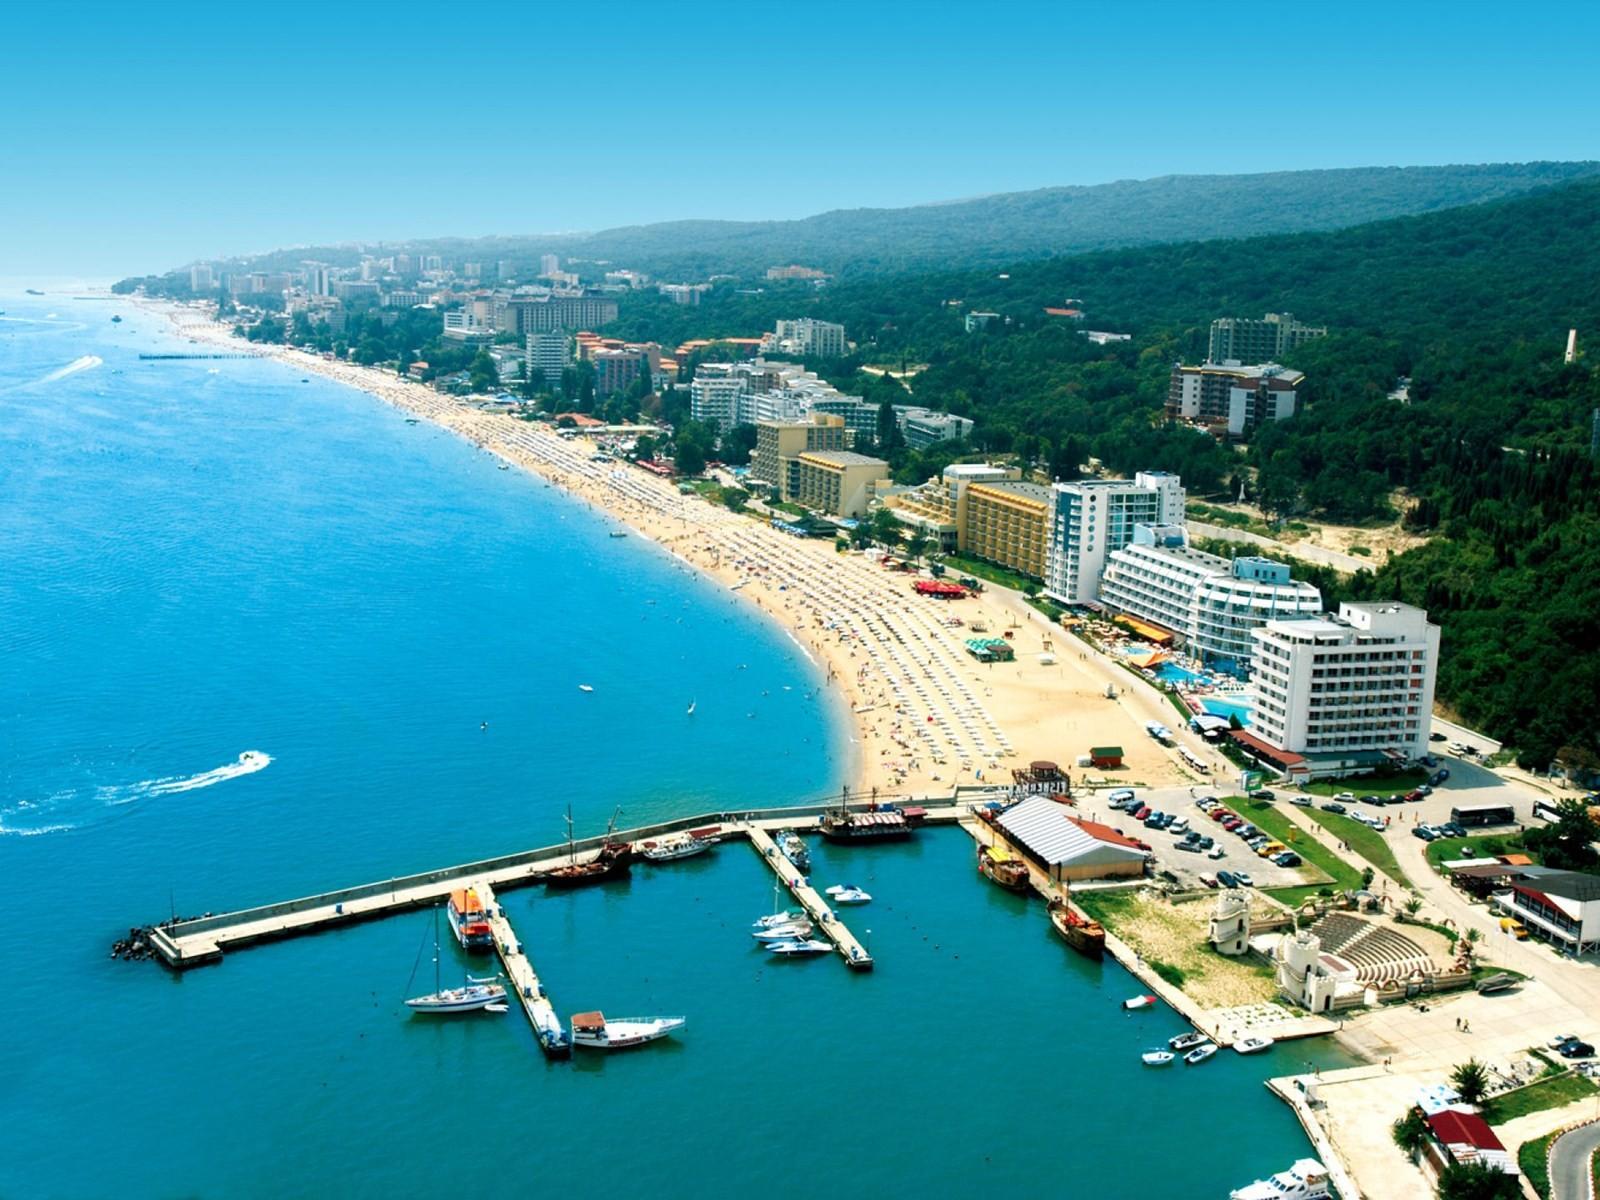 Litoralul bulgăresc, Nisipurile de Aur și Varna, destinațiile ideale pentru vacanța de vară din acest an! Bulgaria, extrem de ofertantă!